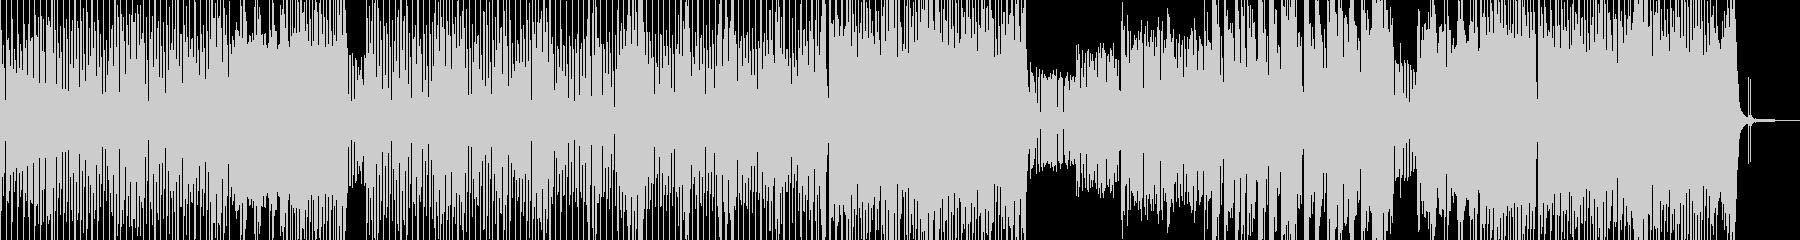 お菓子の国・メルヘンポップ Bの未再生の波形